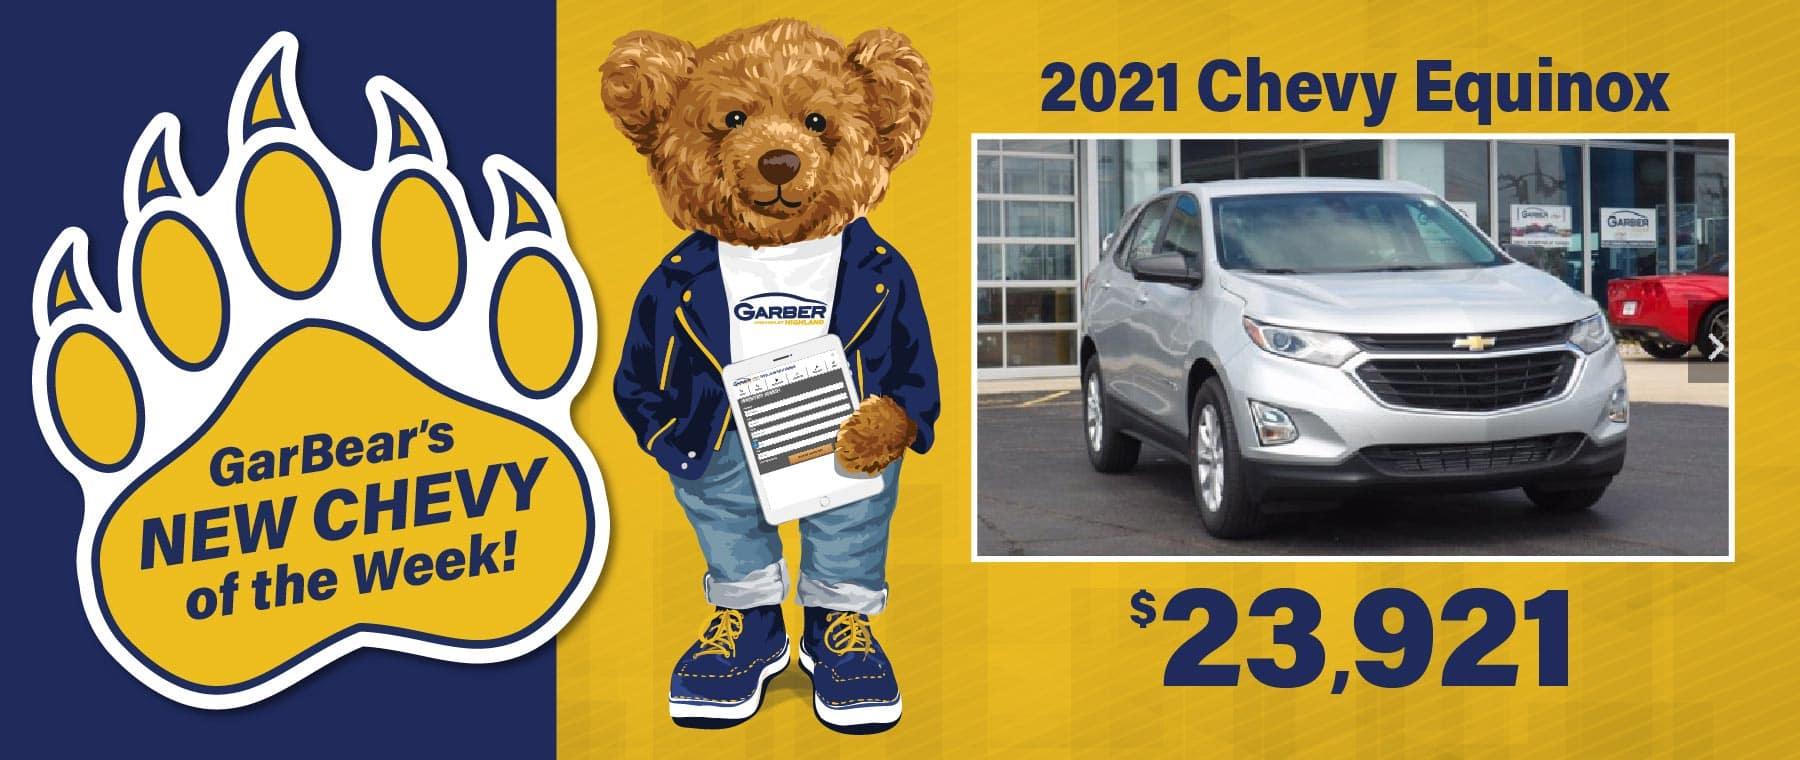 2021 Chevy Equinox $23,921